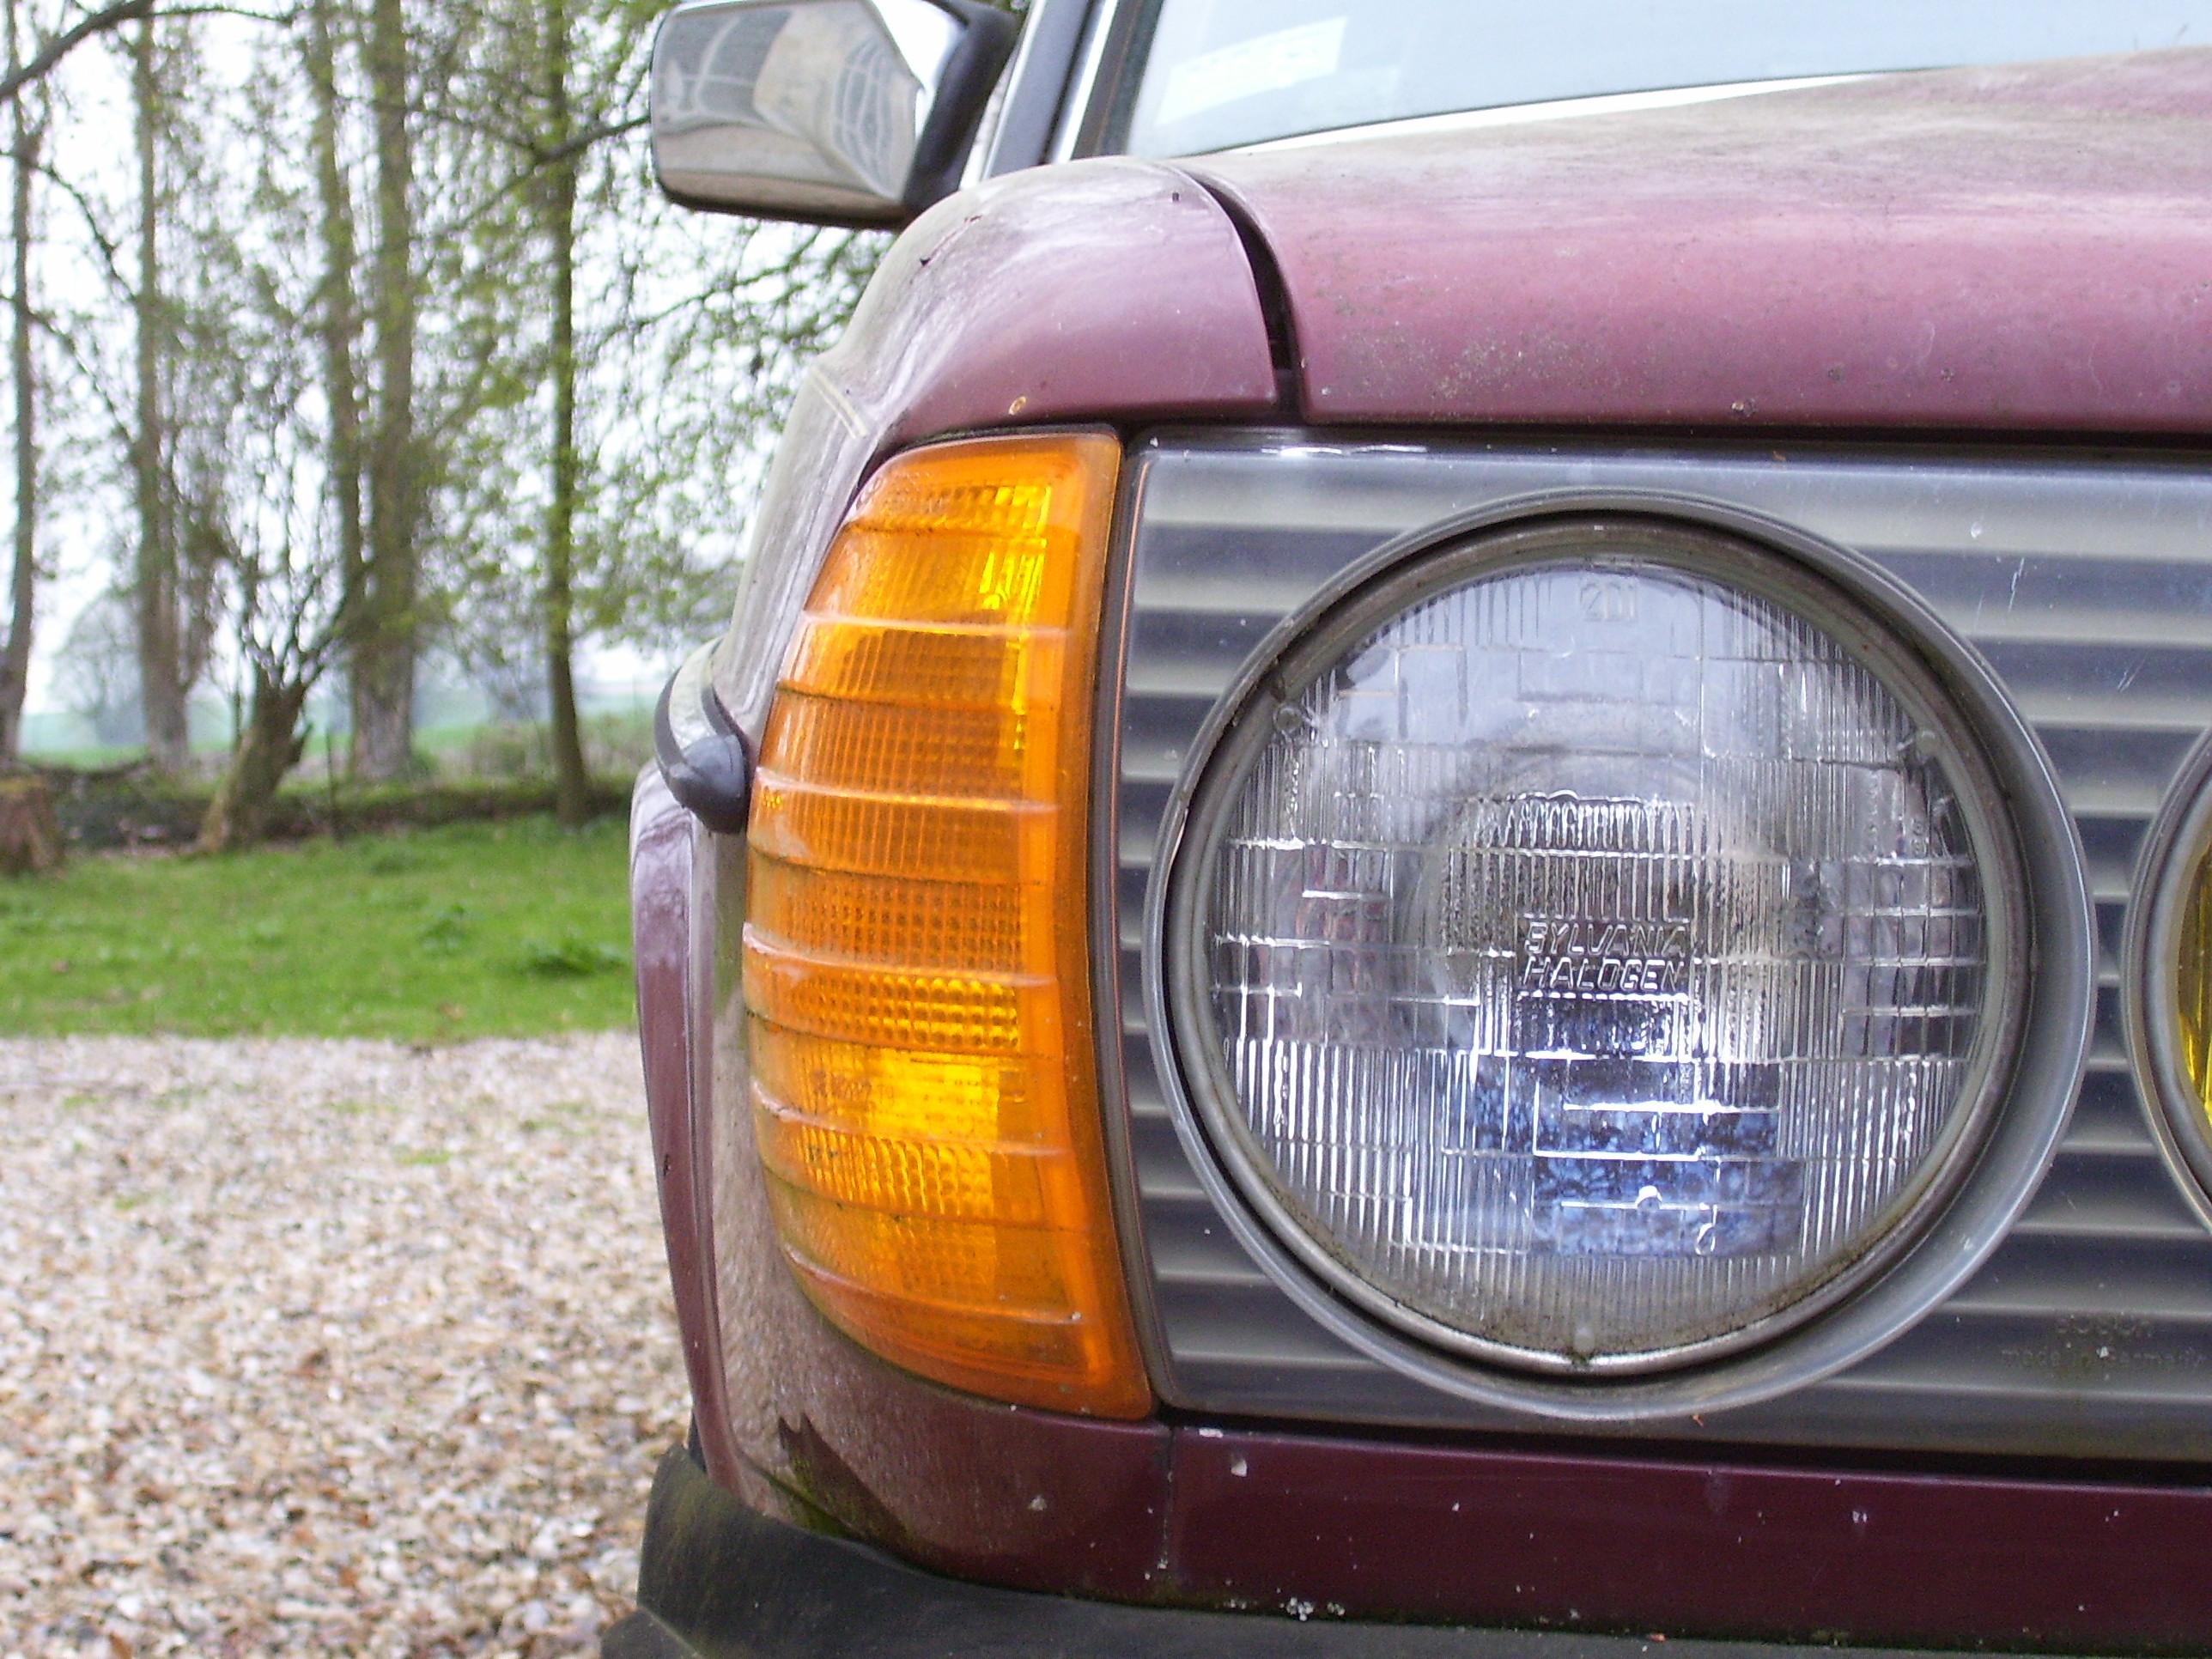 ImageAfter Photos Makkes Car Light Headlight Lights Signal